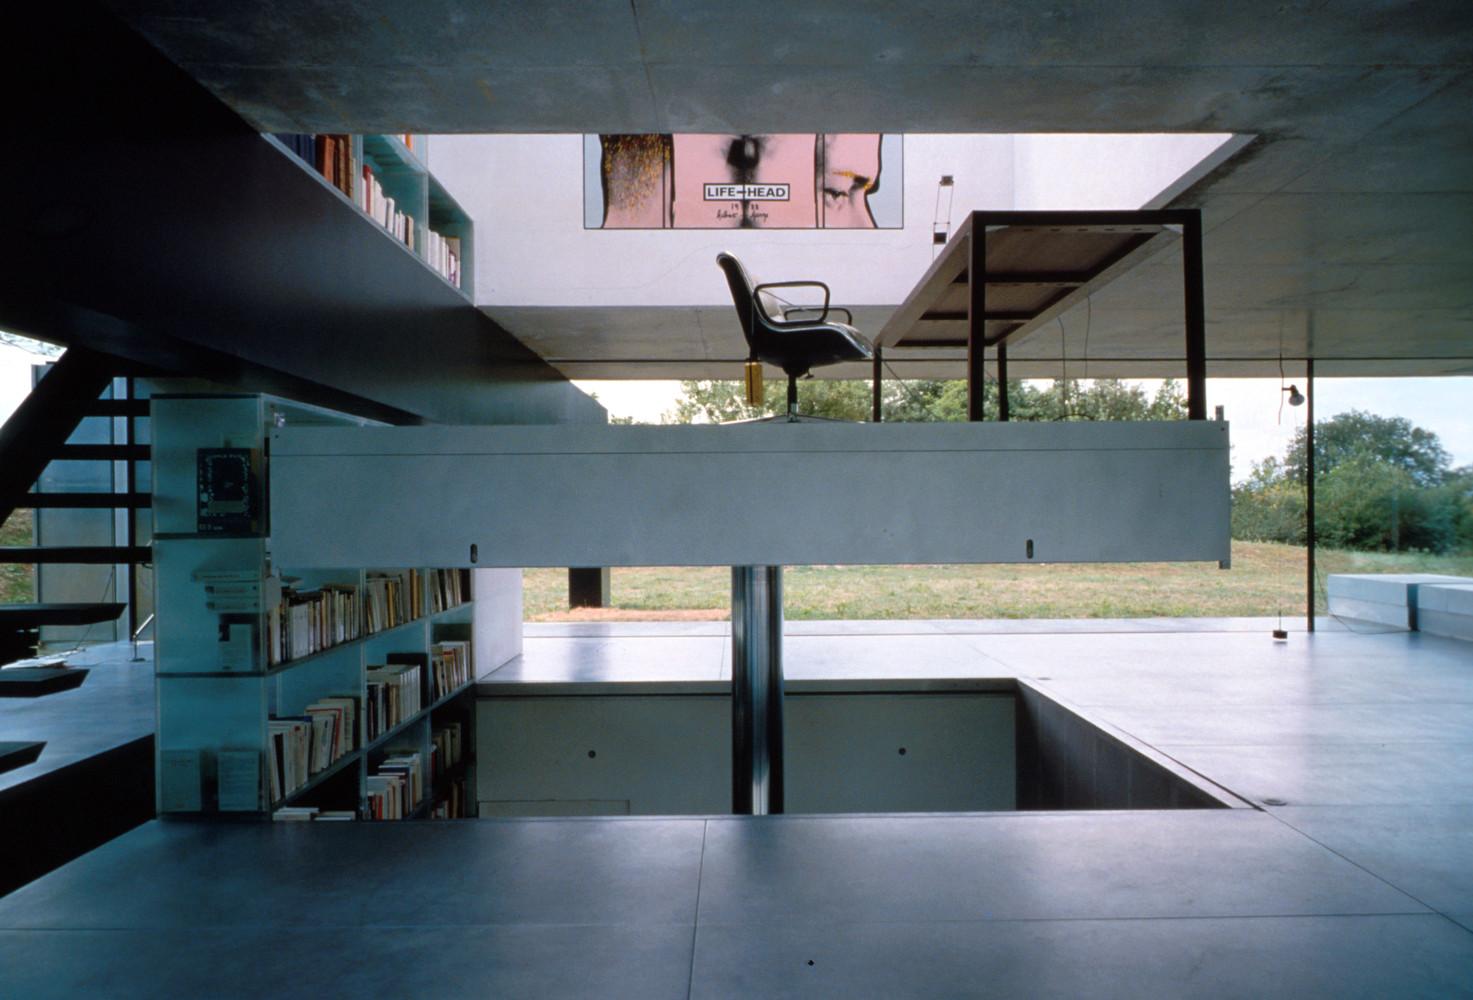 Một phần sàn có thể nâng lên hạ xuống như thang máy cho gia chủ bị liệt tiếp cận các khu vực trong nhà.